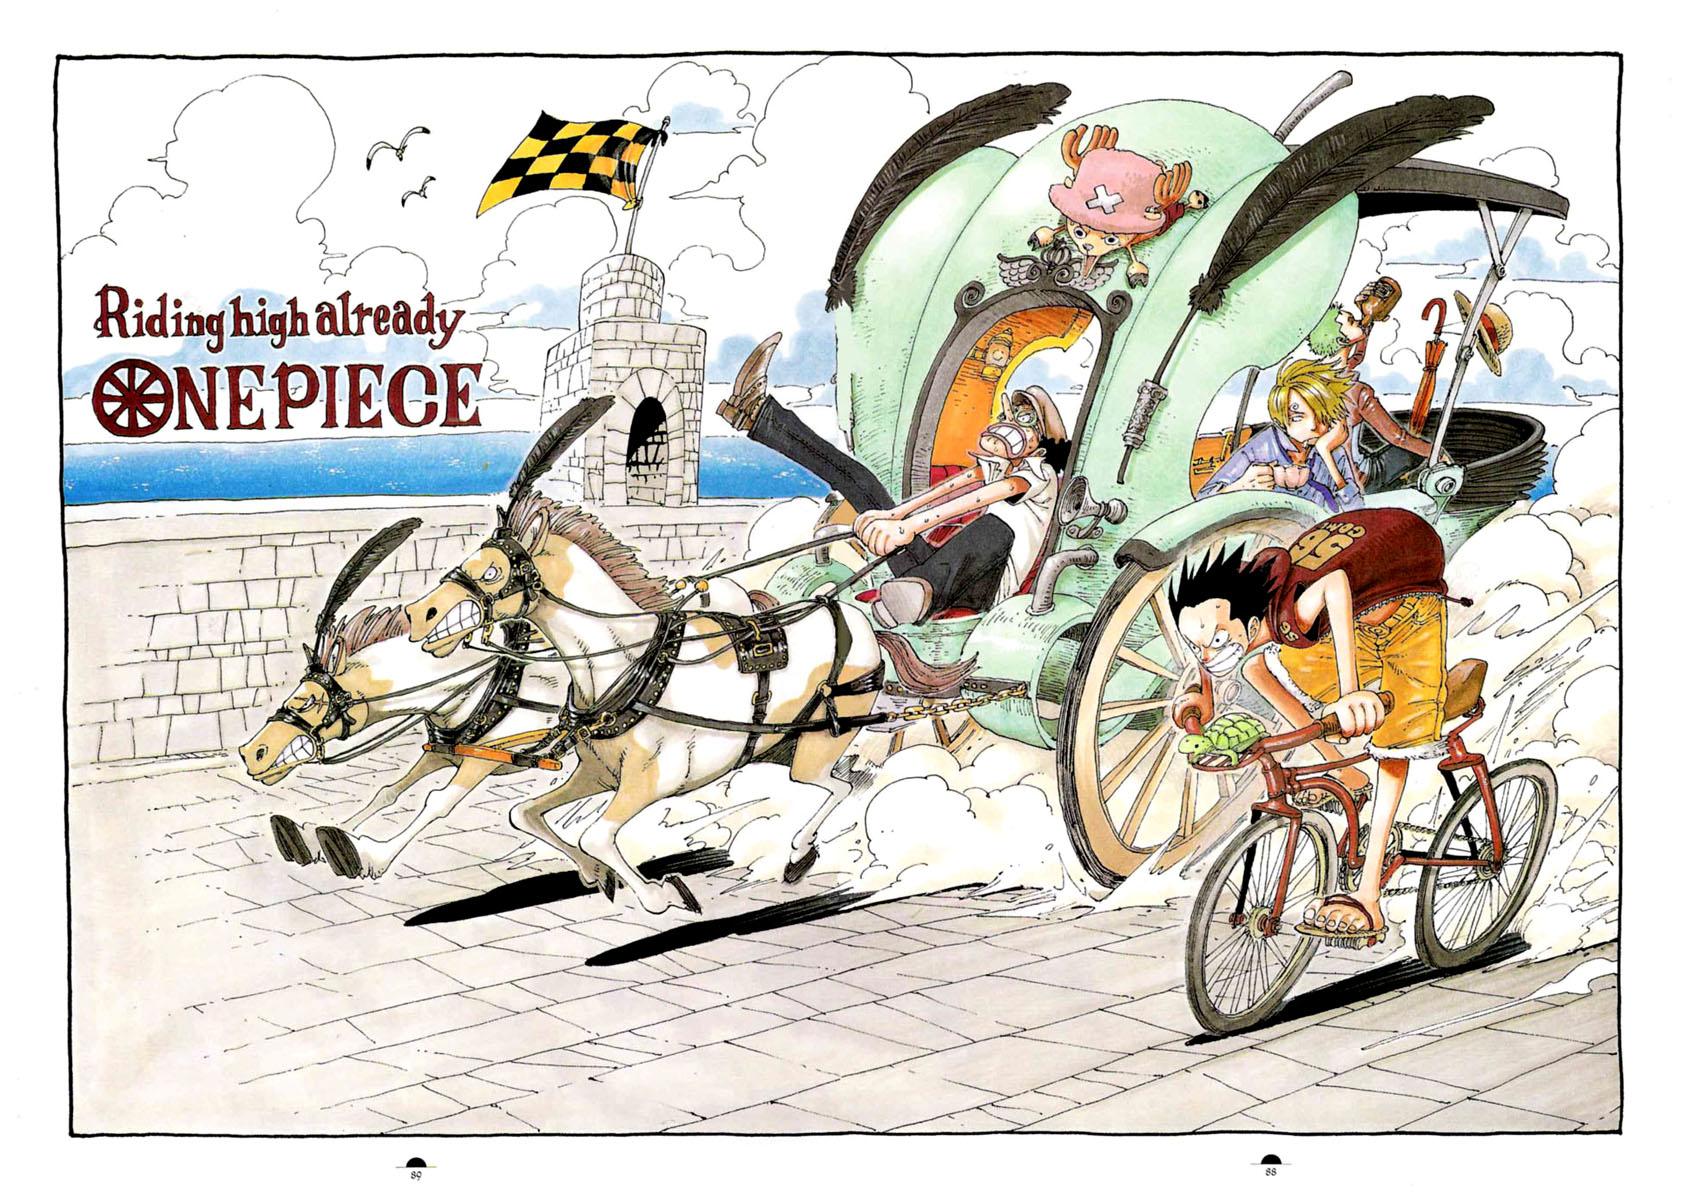 monkey_d_luffy one_piece roronoa_zoro sanji tony_tony_chopper usopp